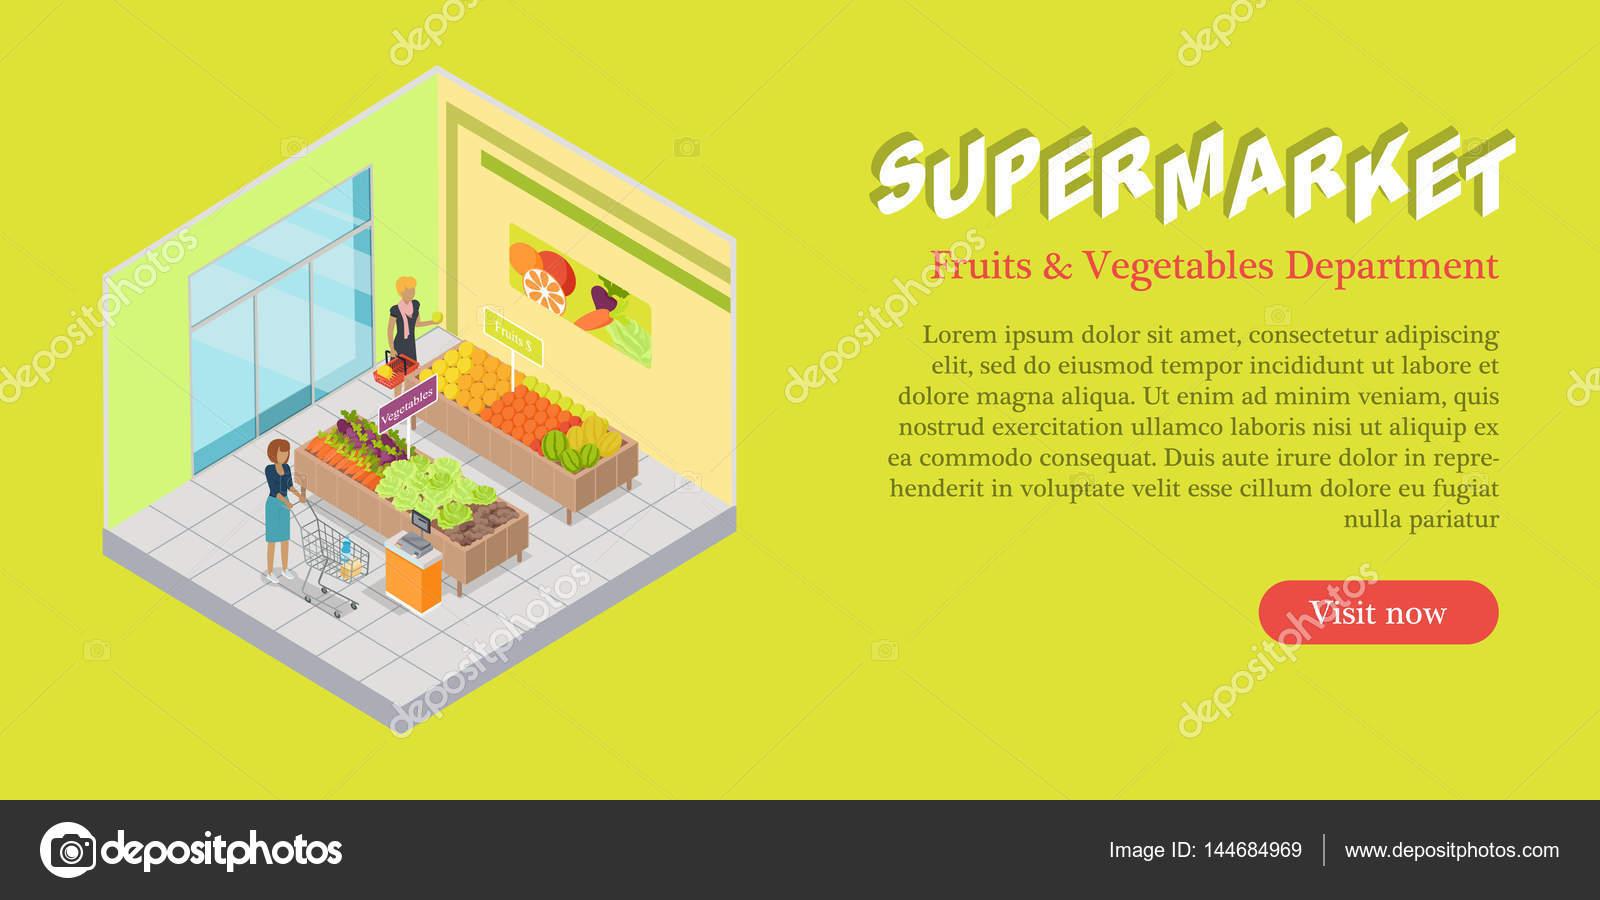 605c1b2499bd Banner de supermercado frutas legumes departamento — Vetores de Stock